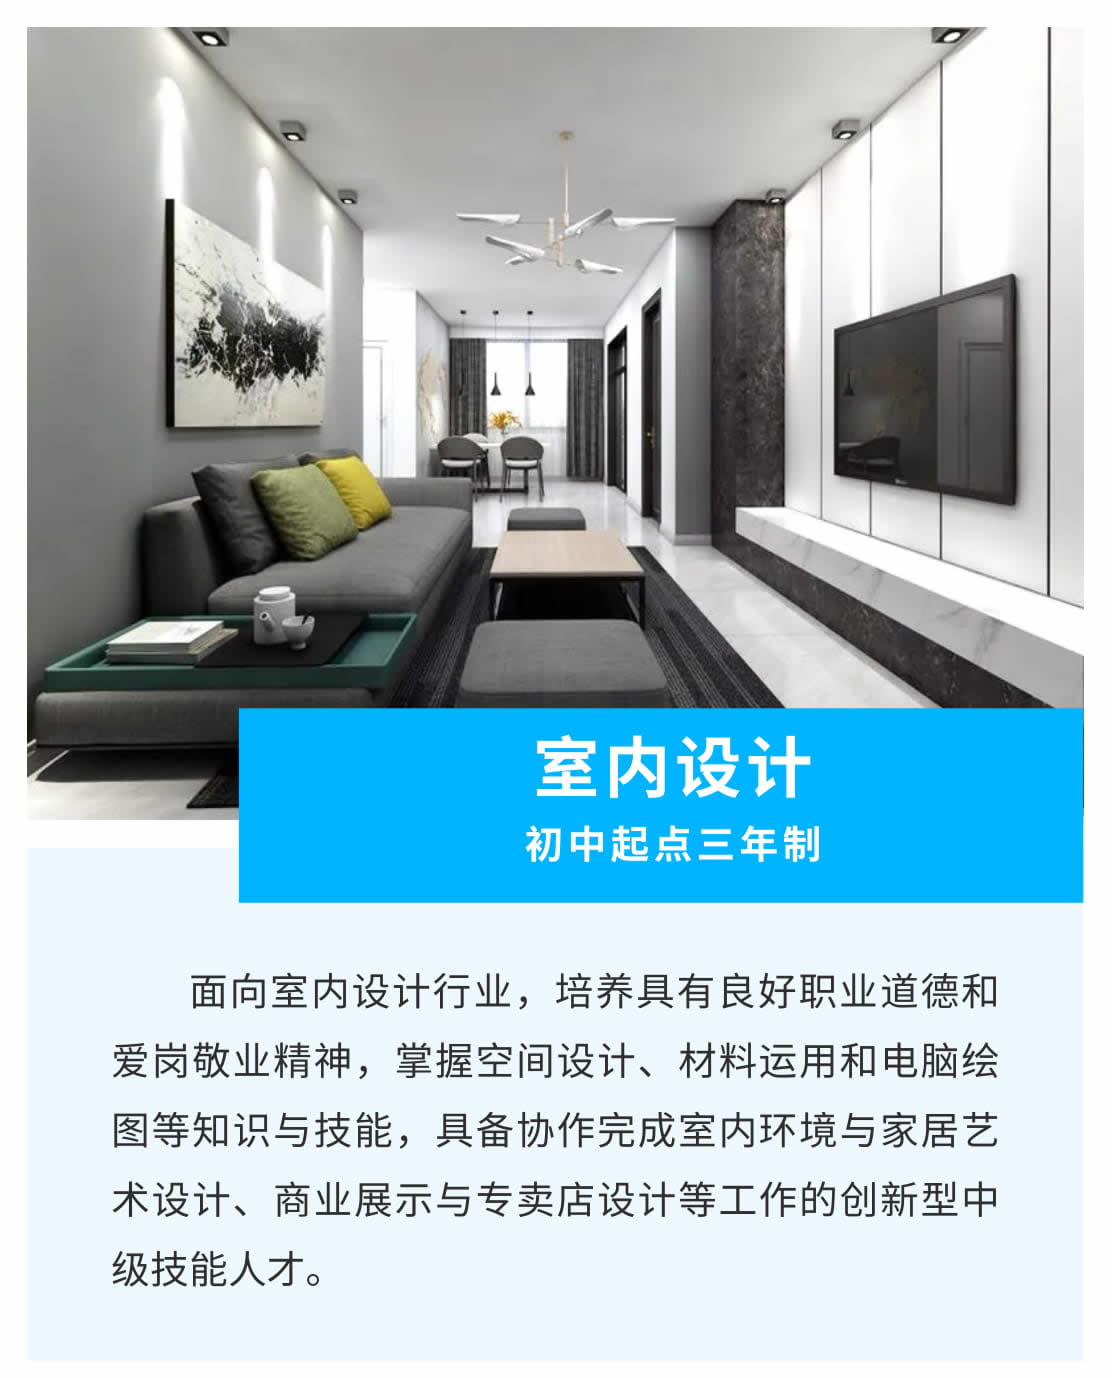 室内设计(初中起点三年制)-1_r1_c1.jpg